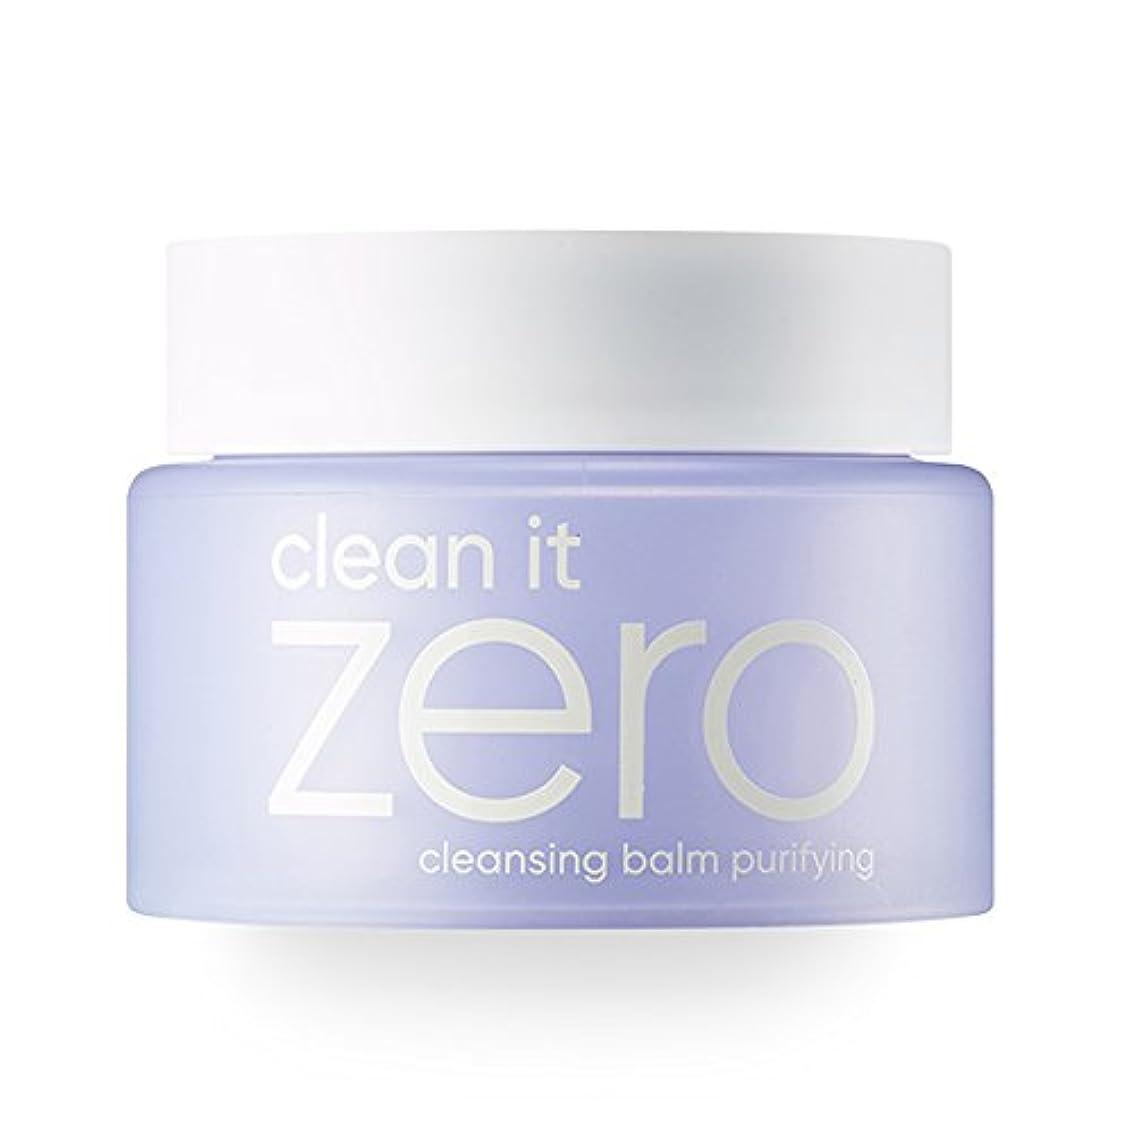 物語ロンドン主張BANILA CO(バニラコ) クリーン イット ゼロ クレンジング バーム ピュリファイング Clean It Zero Purifying